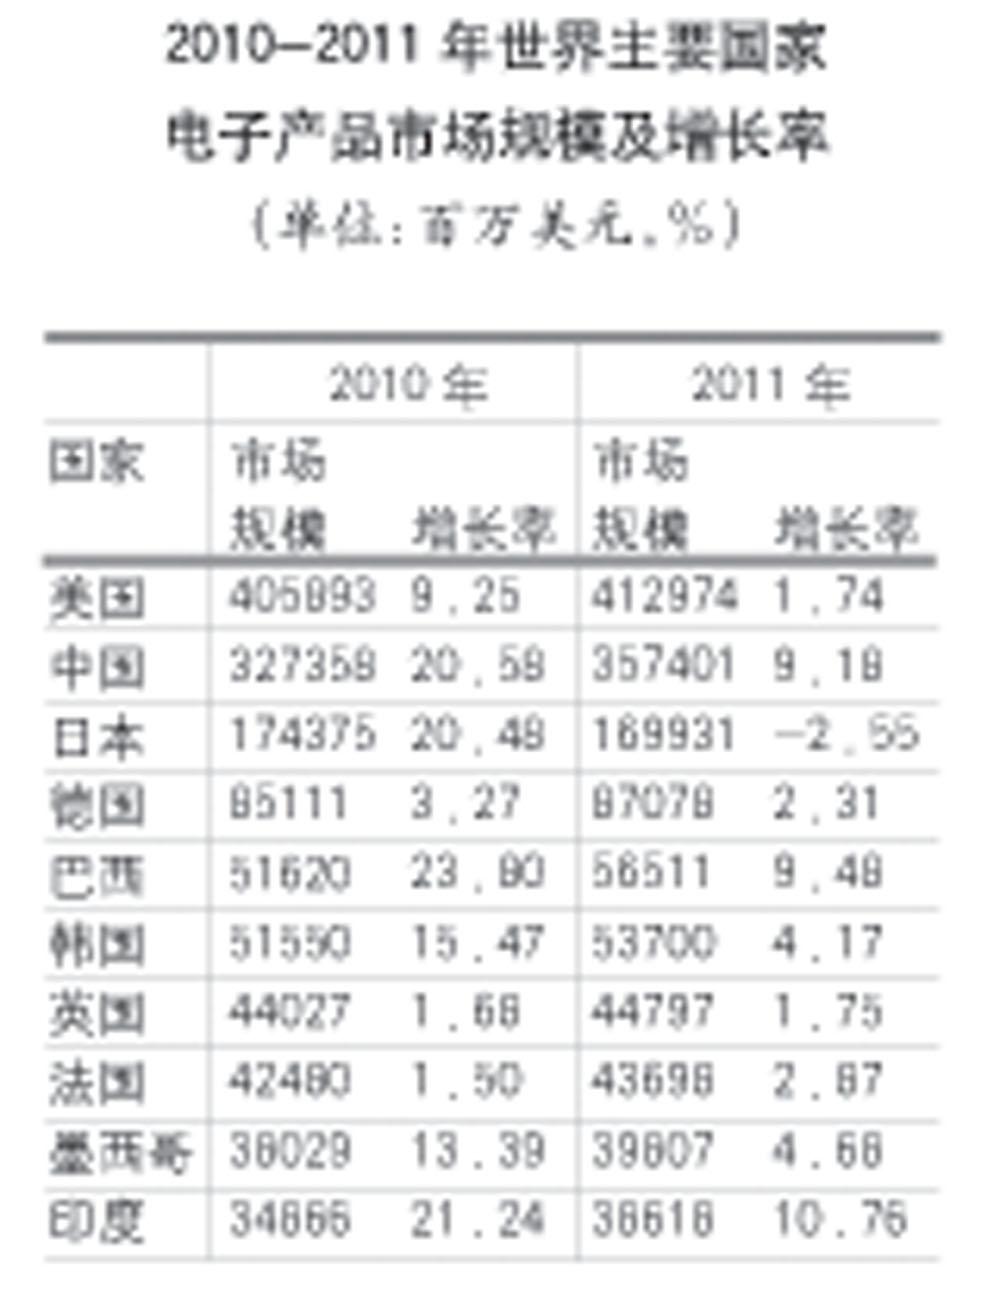 《体面》计算器谱子-2011年全球电子信息产品产值增长4.3